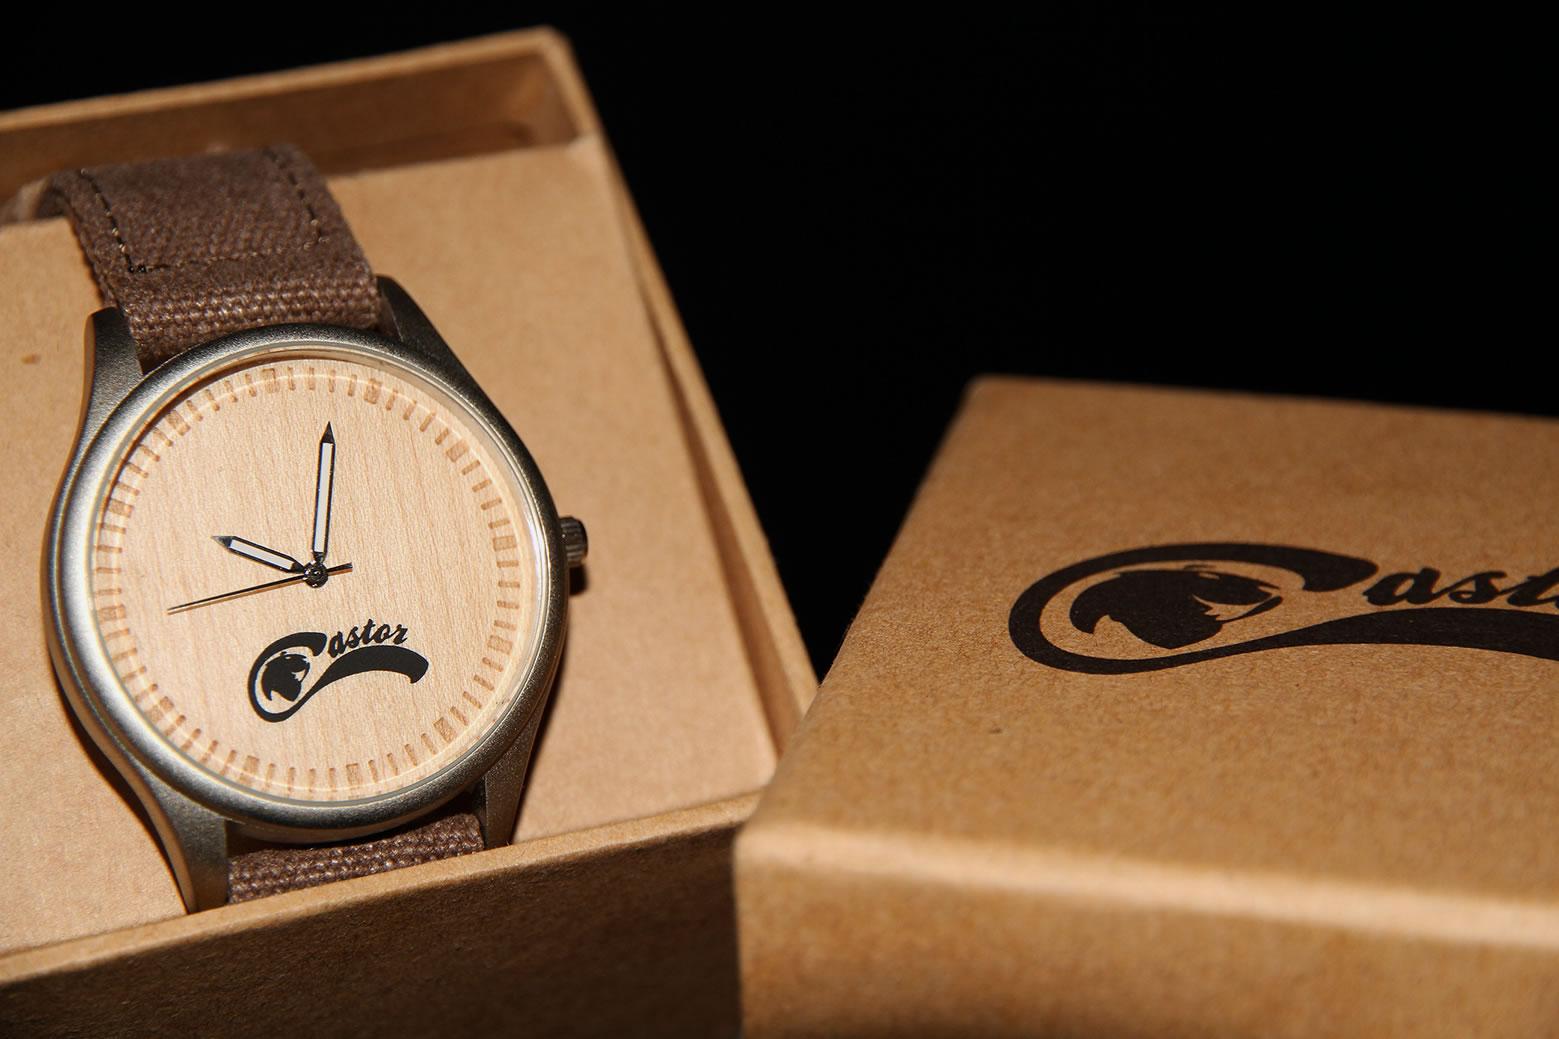 Relojes Castor 1